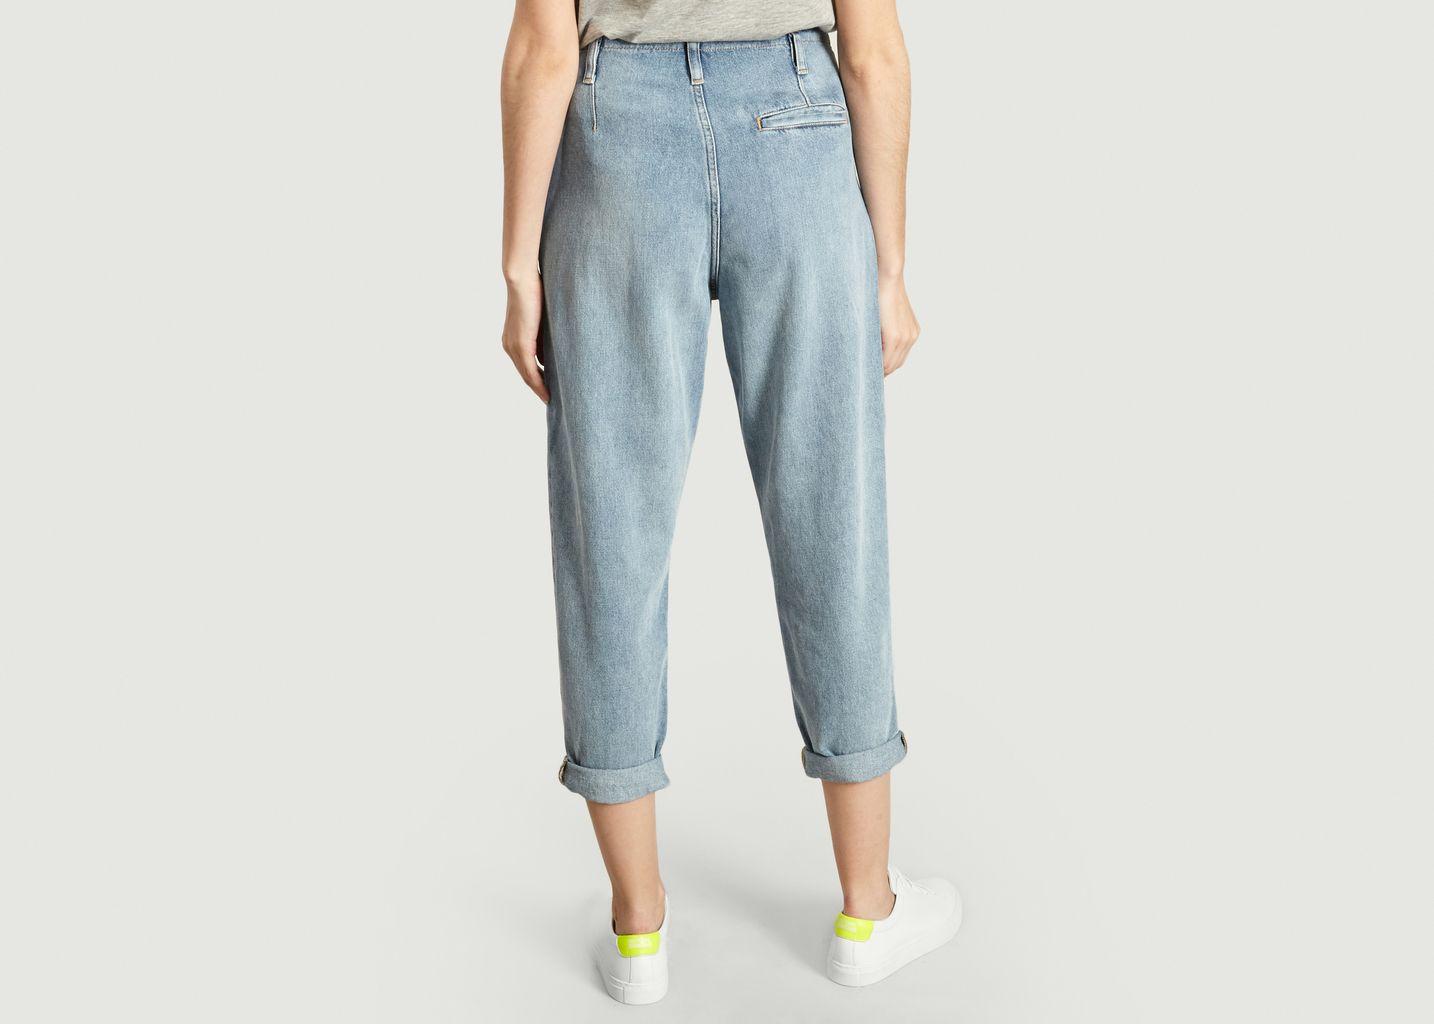 Pantalon Denim Cléo - Carhartt WIP